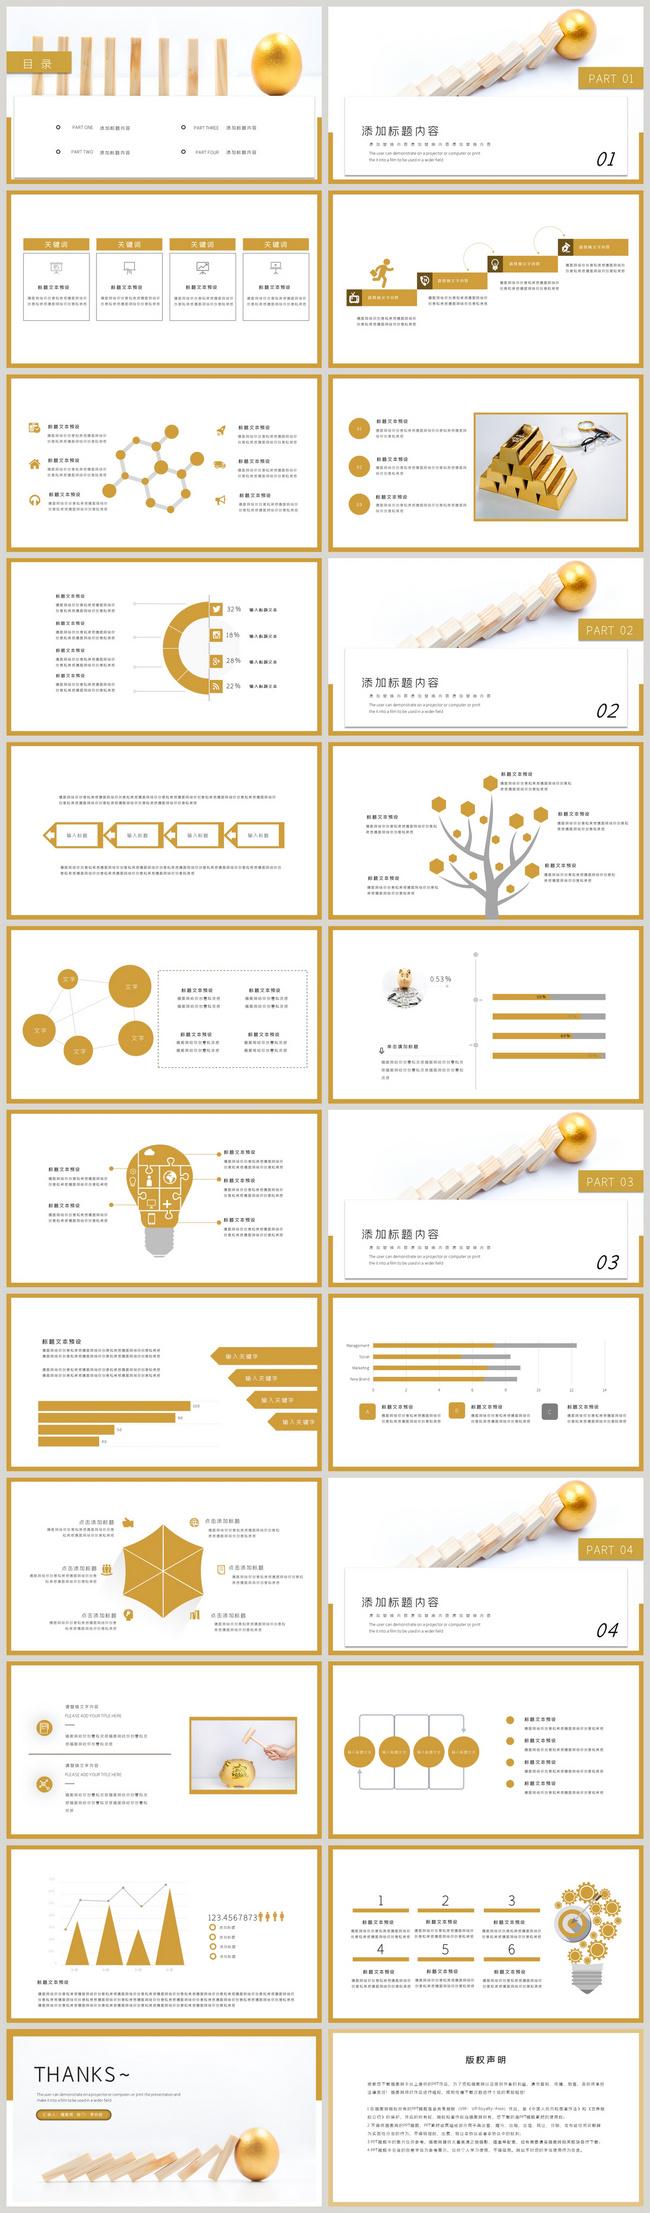 Template Ppt Laporan Akuntansi Keuangan Gambar Unduh Gratis Power Point 401262056 Format Gambar Pptx Lovepik Com